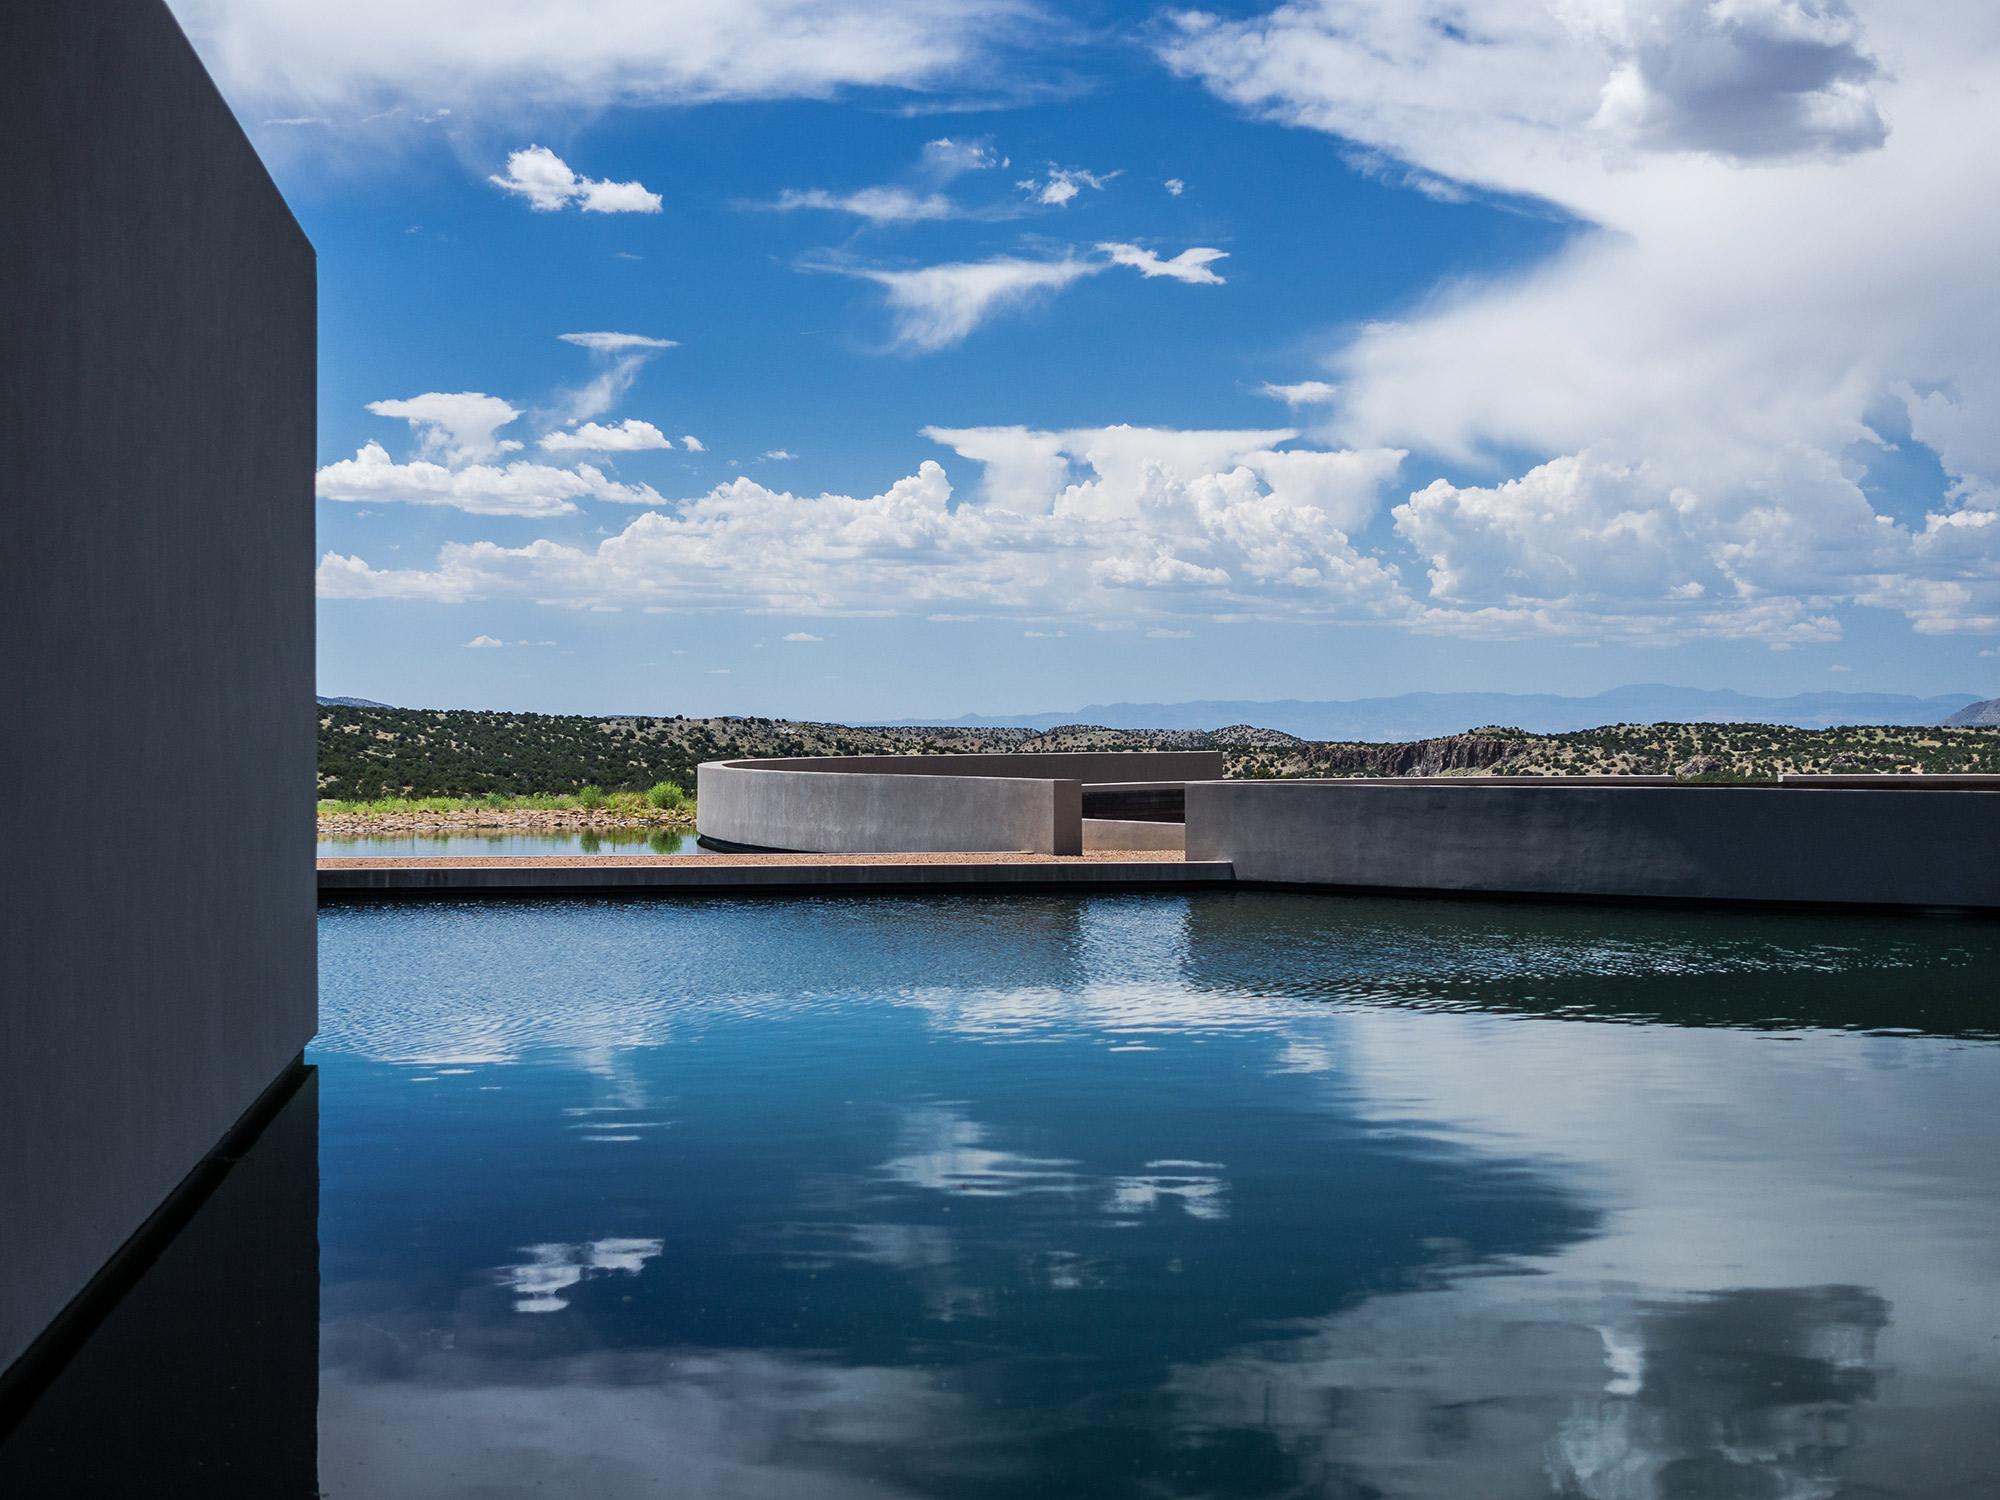 Cerro Pelon Ranch Santa Fe Usa Architect Tadao Ando